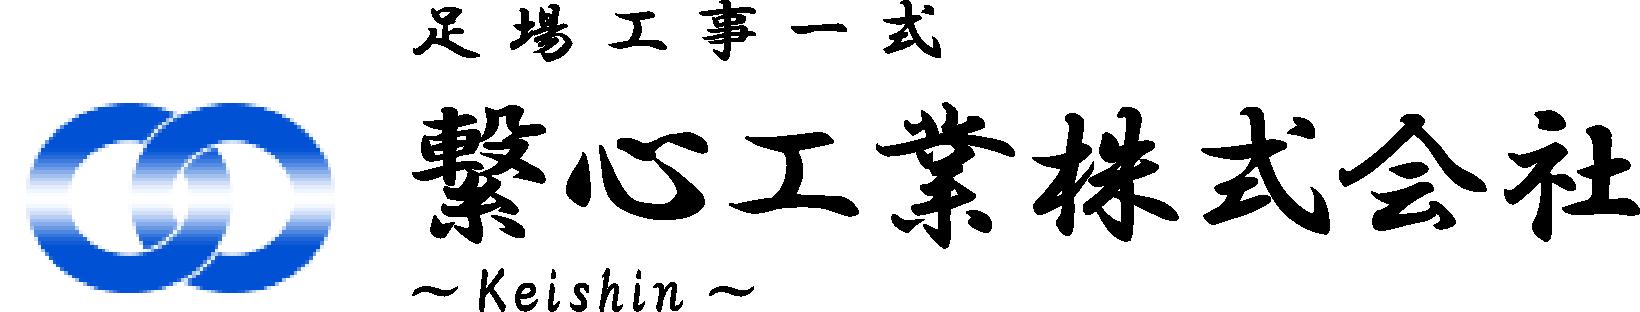 三重県で足場工事の依頼なら足場工事一式 繋心工業株式会社~Keishin~